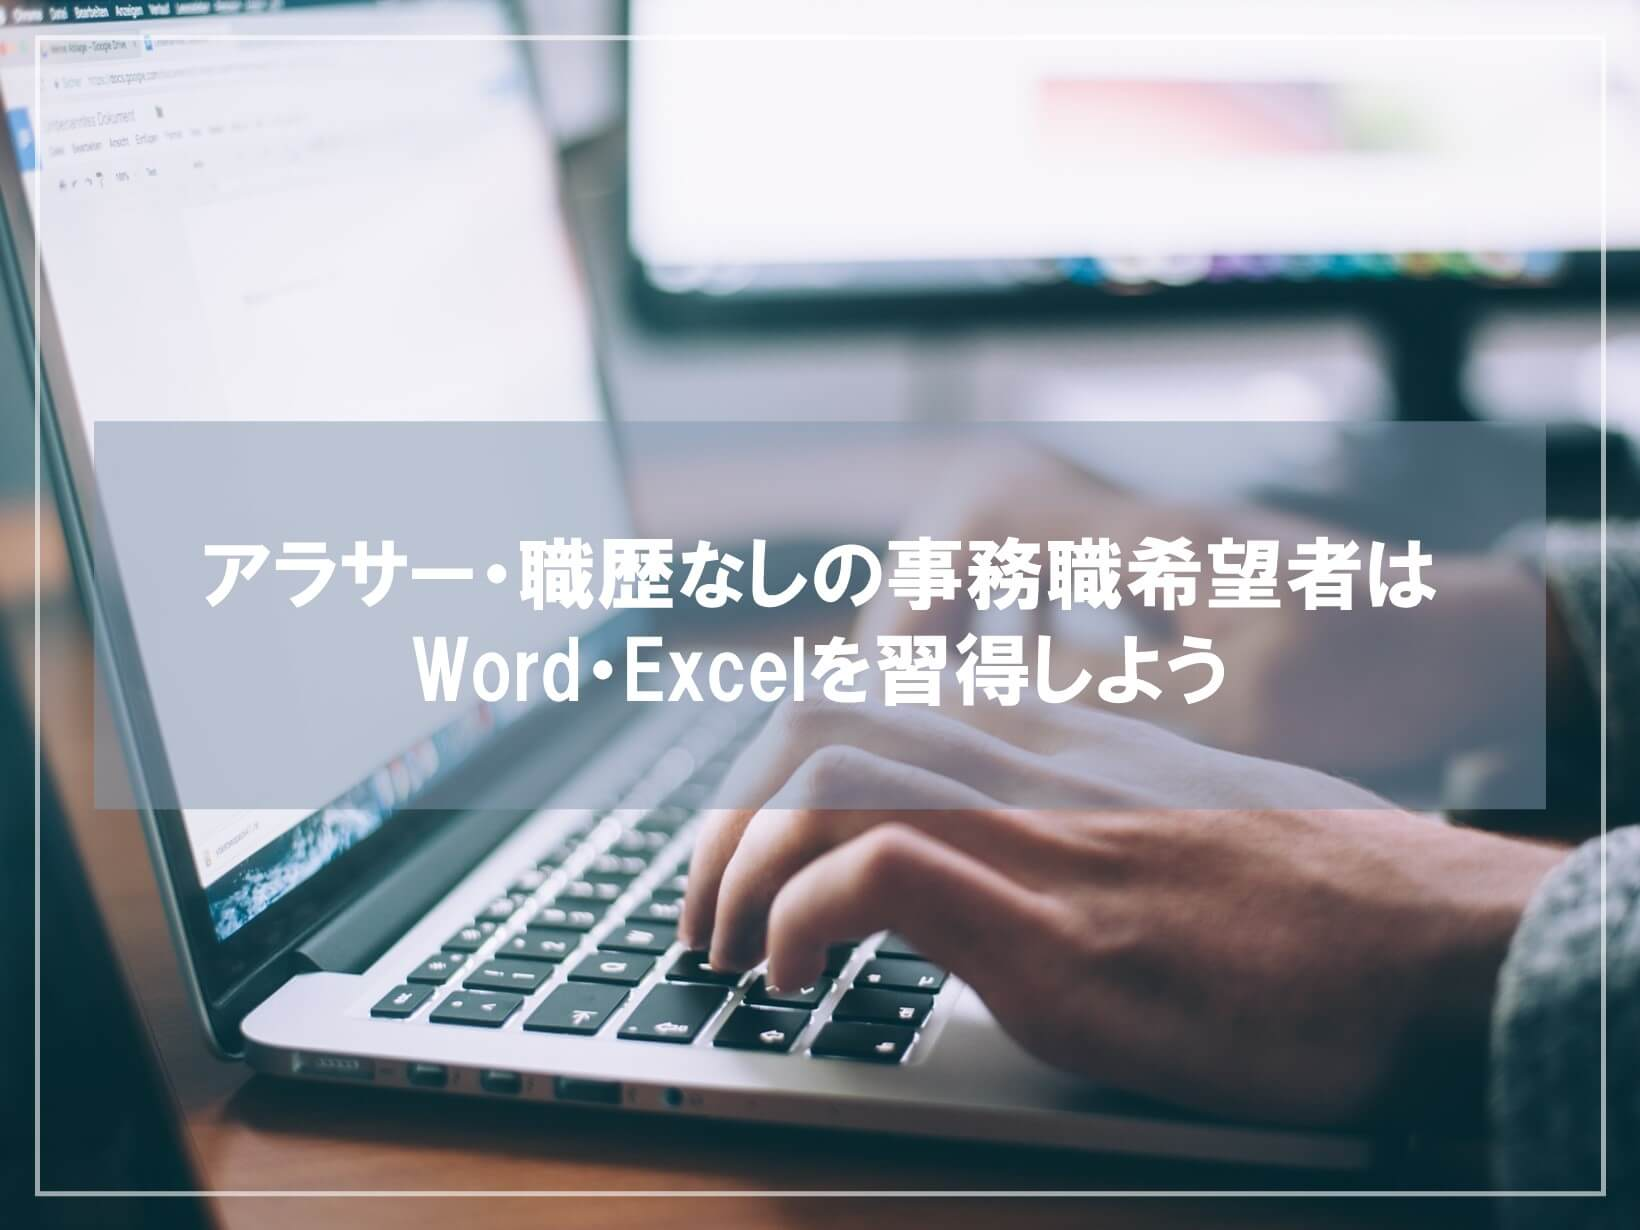 アラサー・職歴なしの事務職希望者はWord・Excelを習得しよう